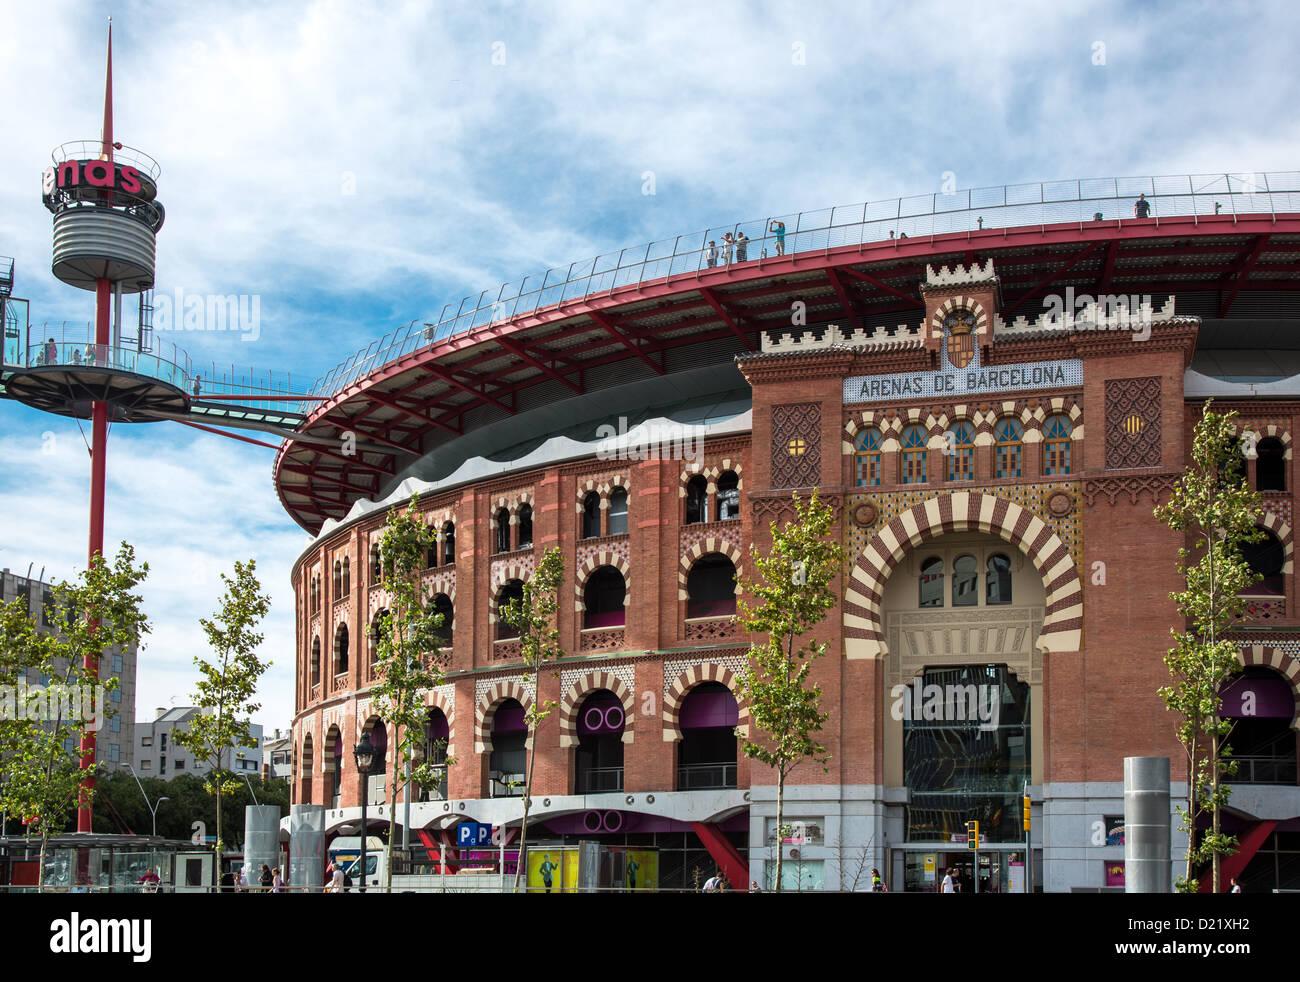 Spanien Barcelona Arenen Einem Alten Plaza De Toros Stierkampfarena In Einkaufszentrum Von Dem Architekten Richard Roger Umgewandelt Stockfotografie Alamy